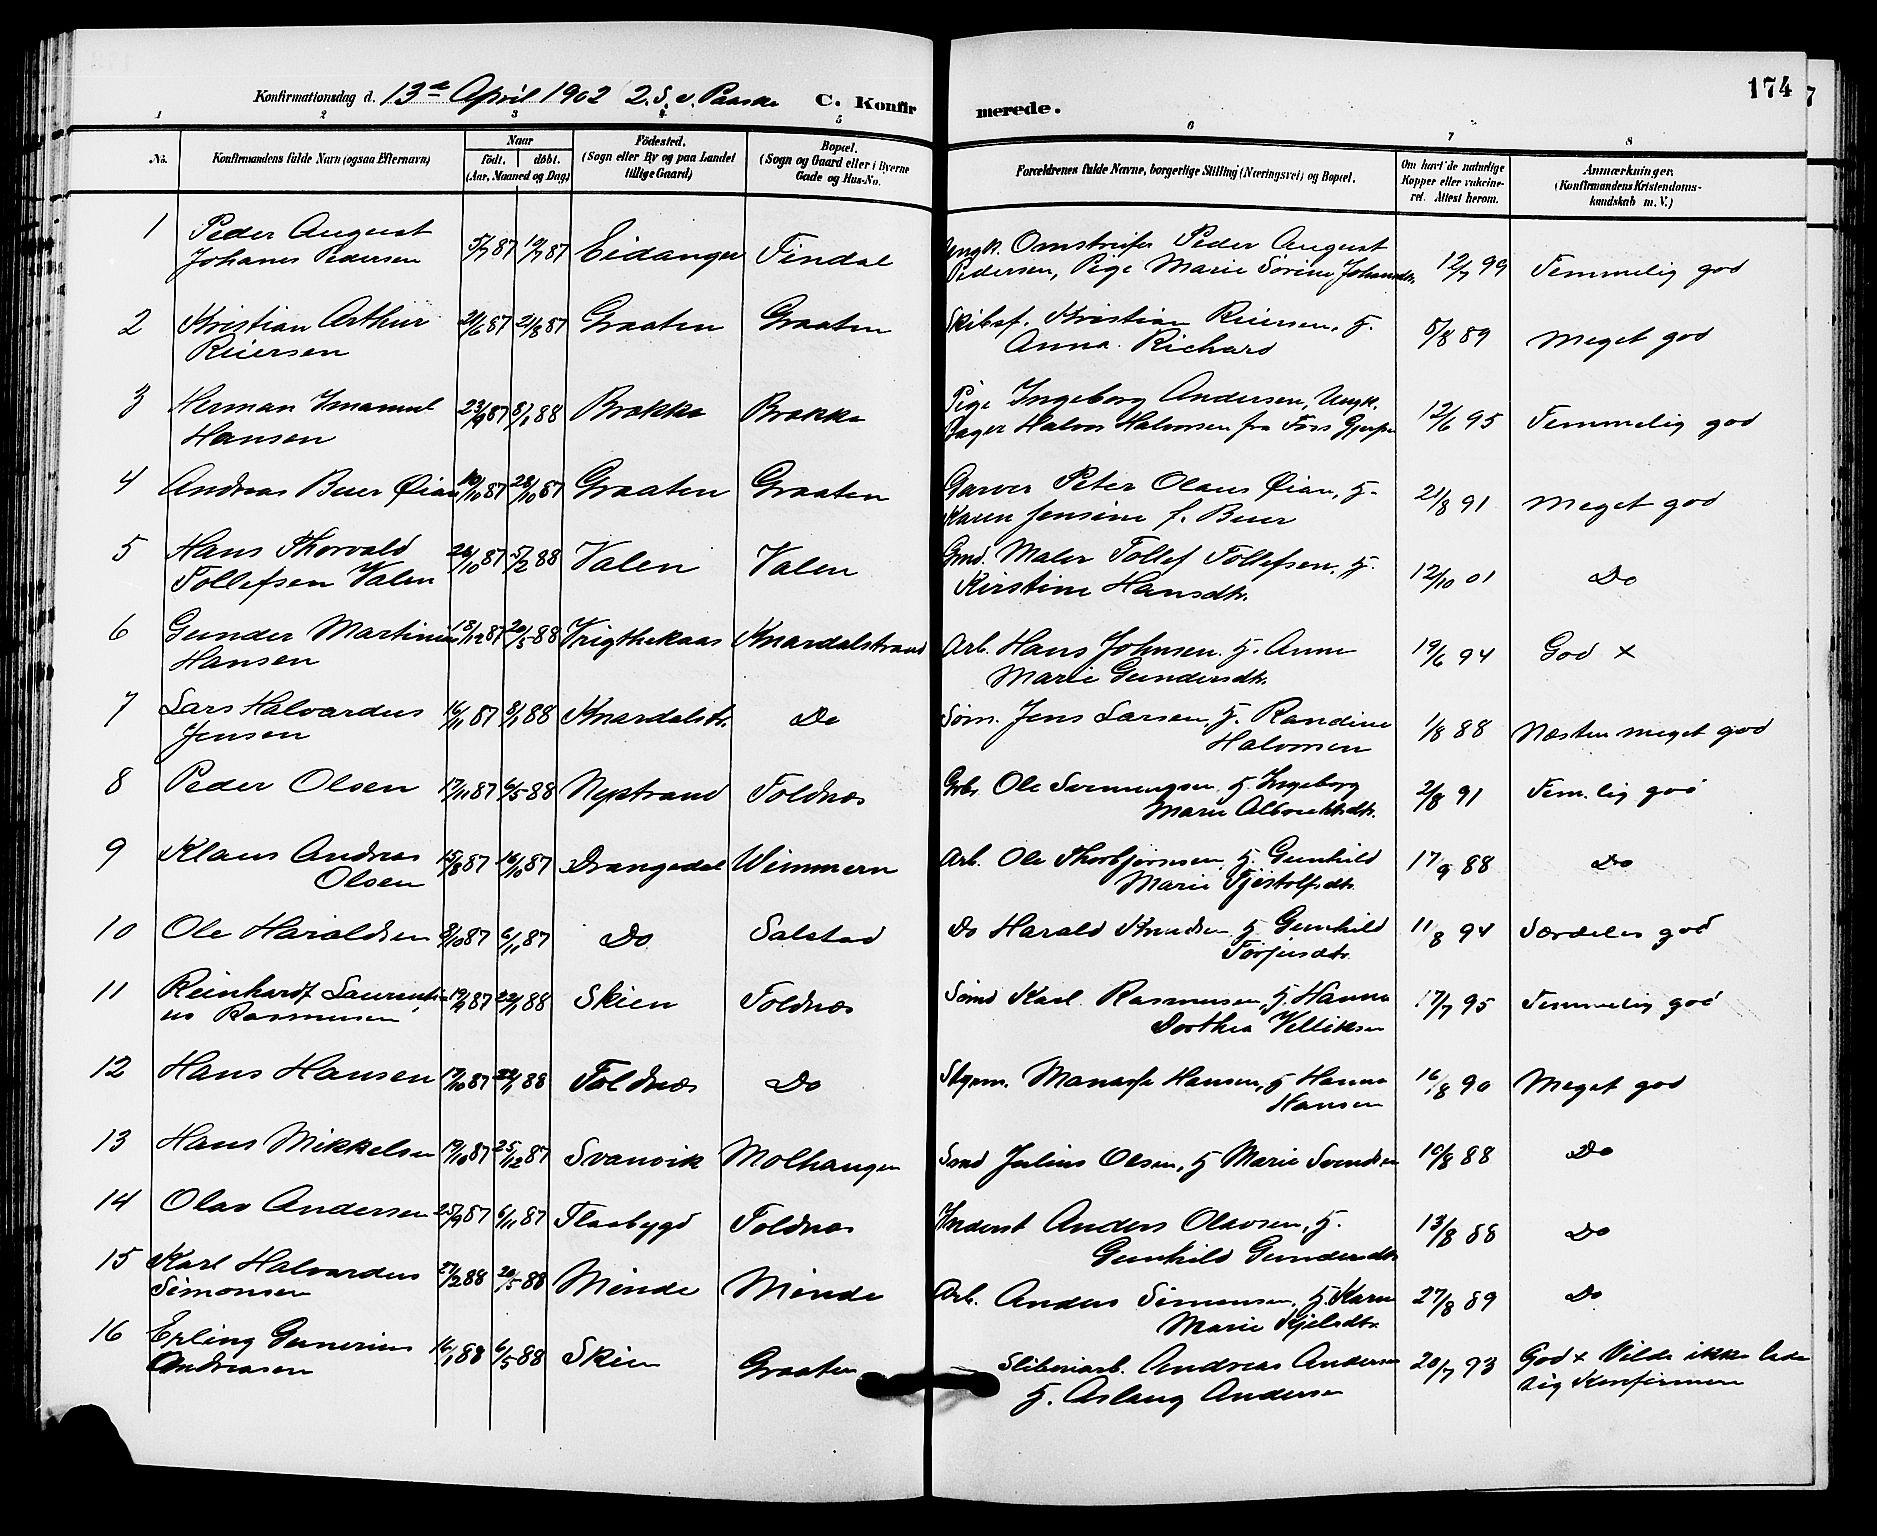 SAKO, Solum kirkebøker, G/Ga/L0008: Klokkerbok nr. I 8, 1898-1909, s. 174